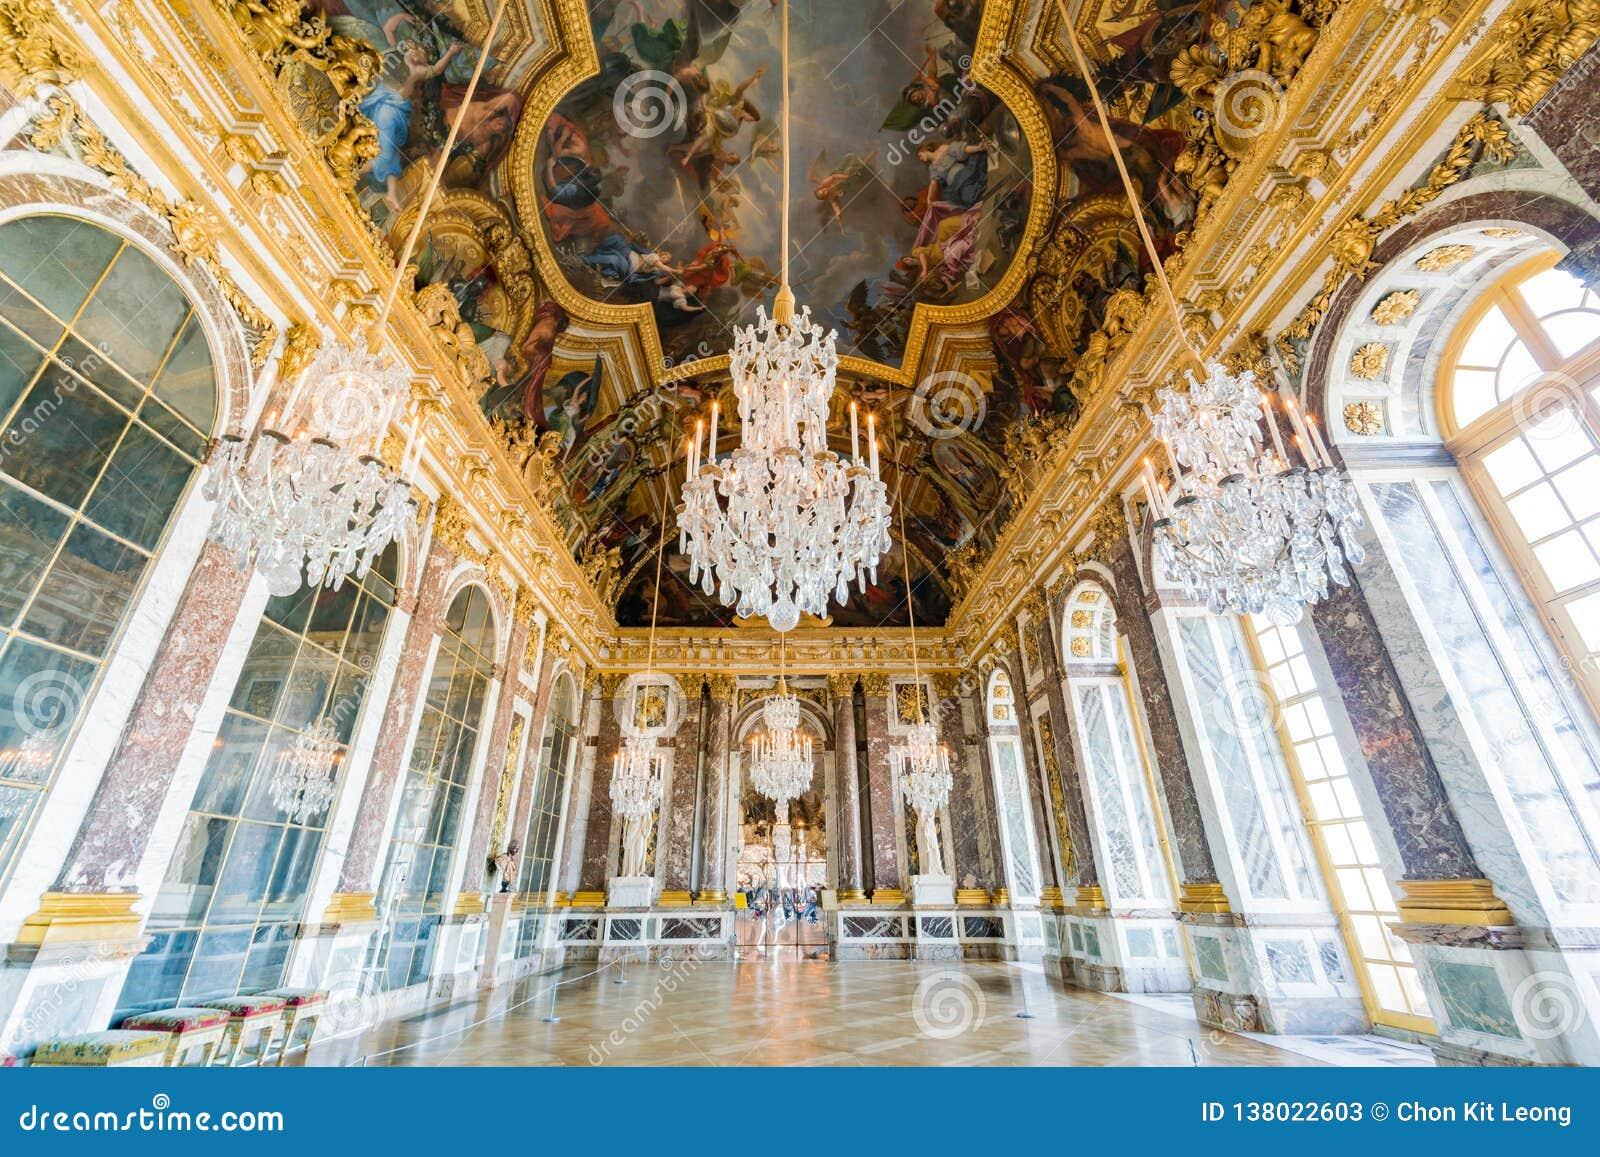 Corridoio degli specchi del palazzo famoso di Versailles